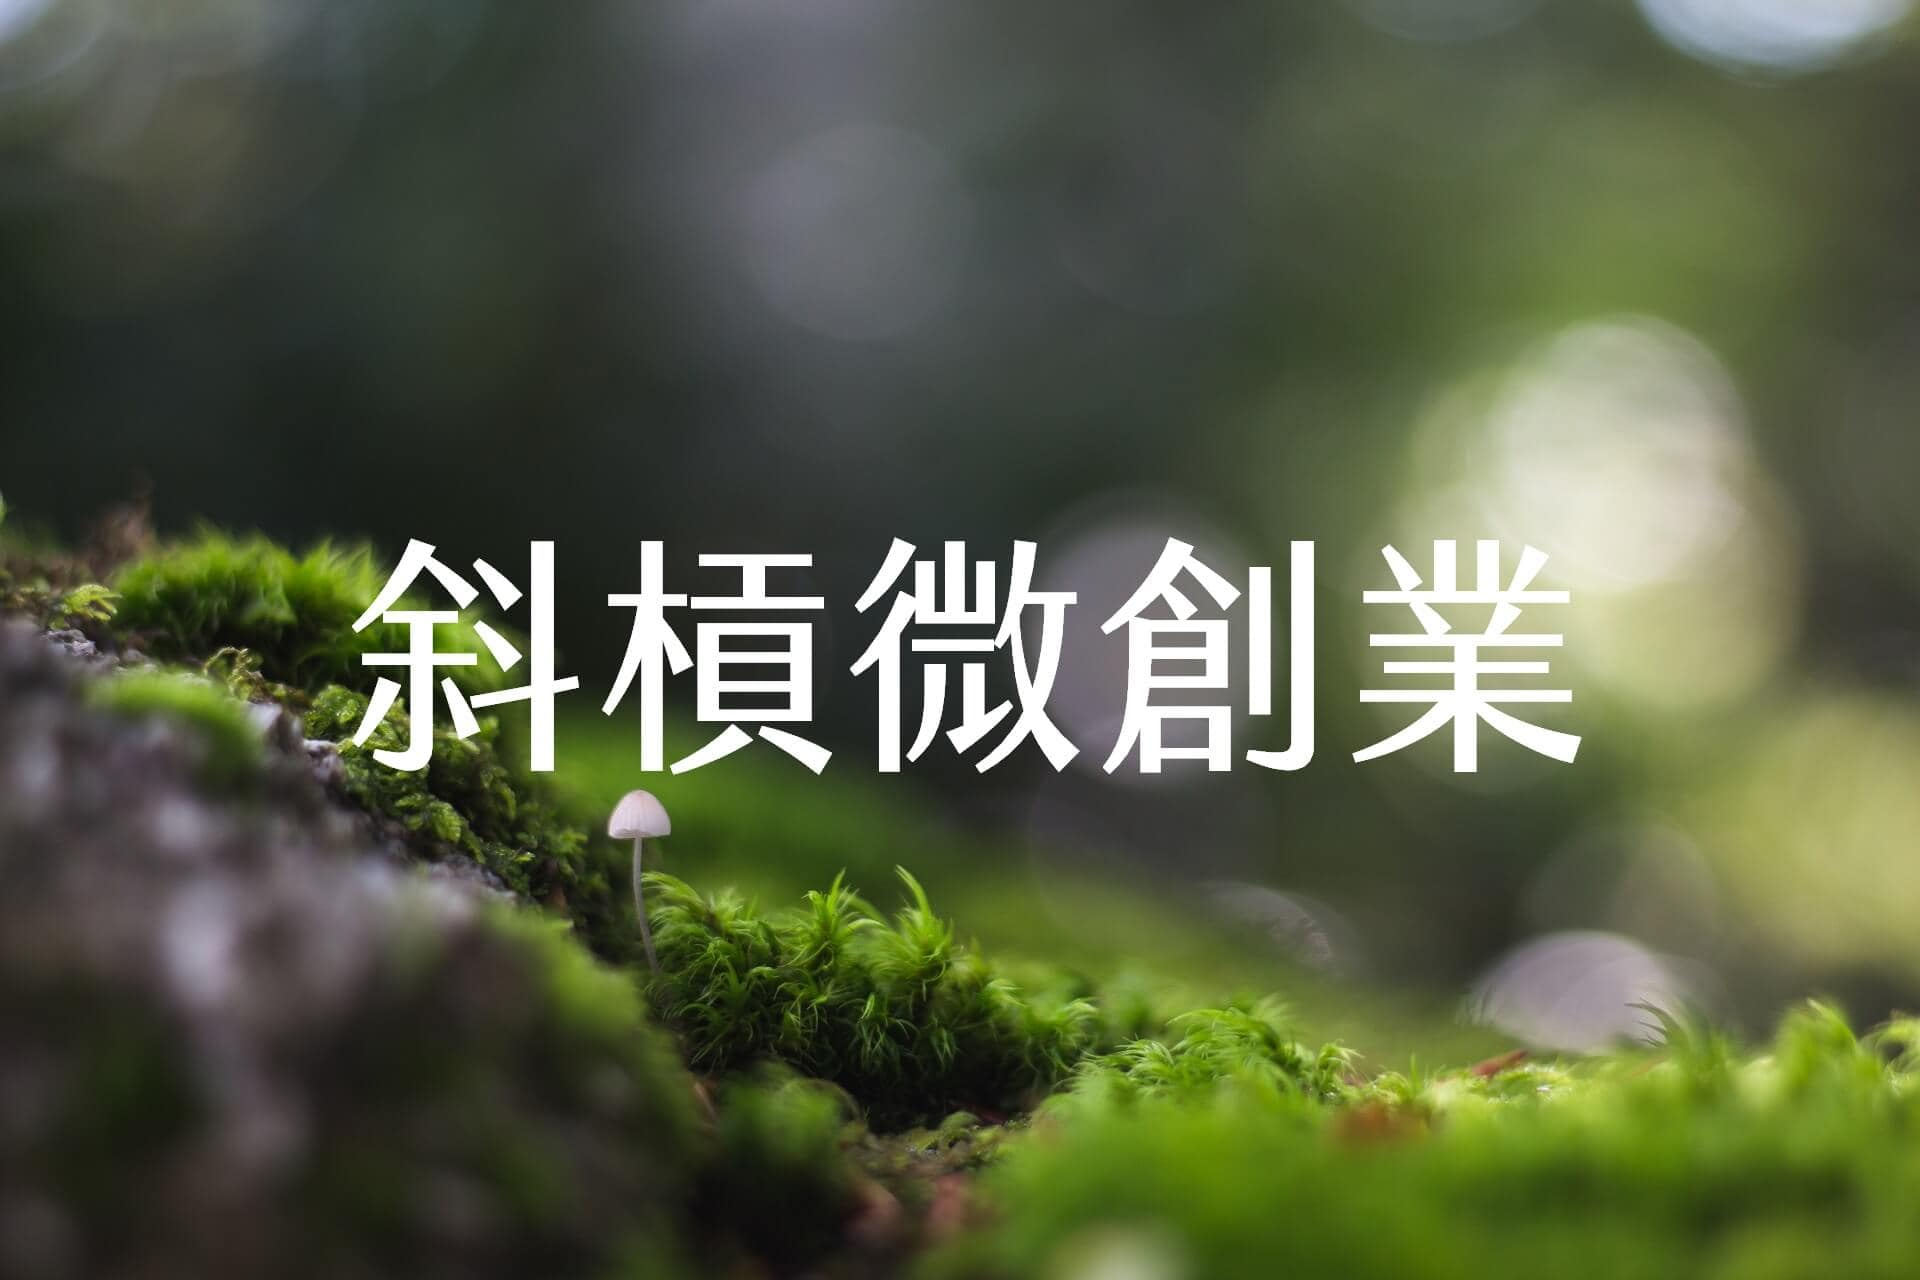 【嘉鴻筆記】斜槓微創業 1